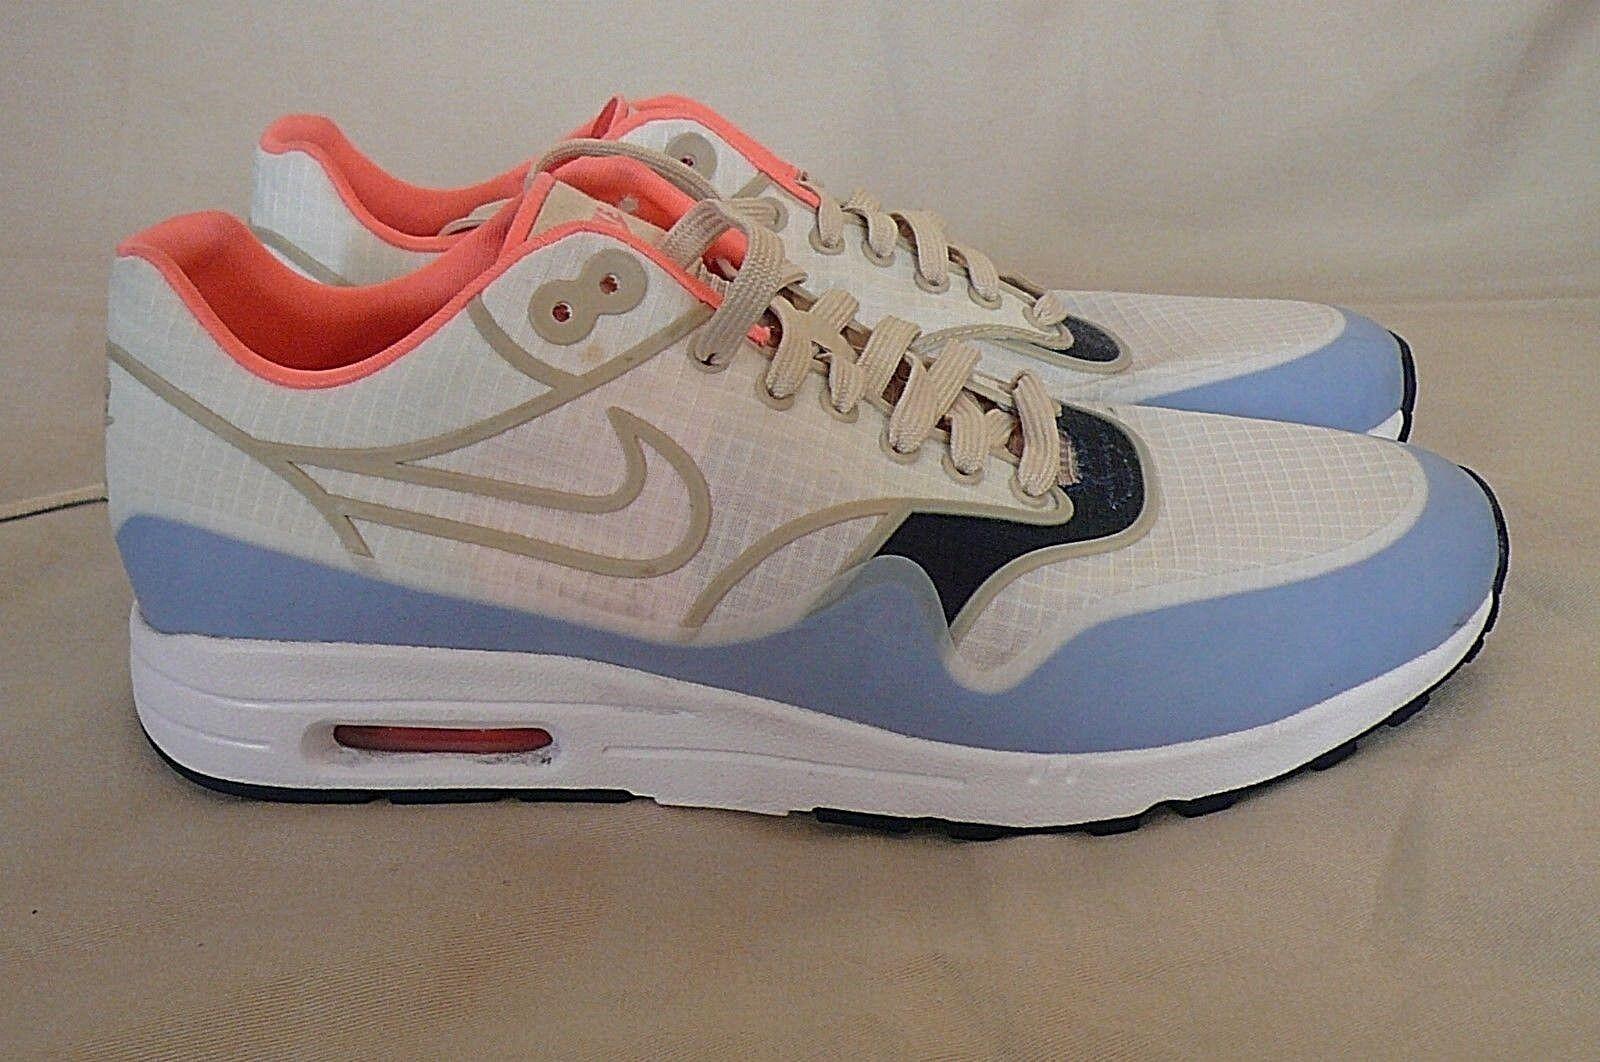 Chaussures Femmes Baskets Nike Air Max 1 Ultra 2.0 Si [881103 102]